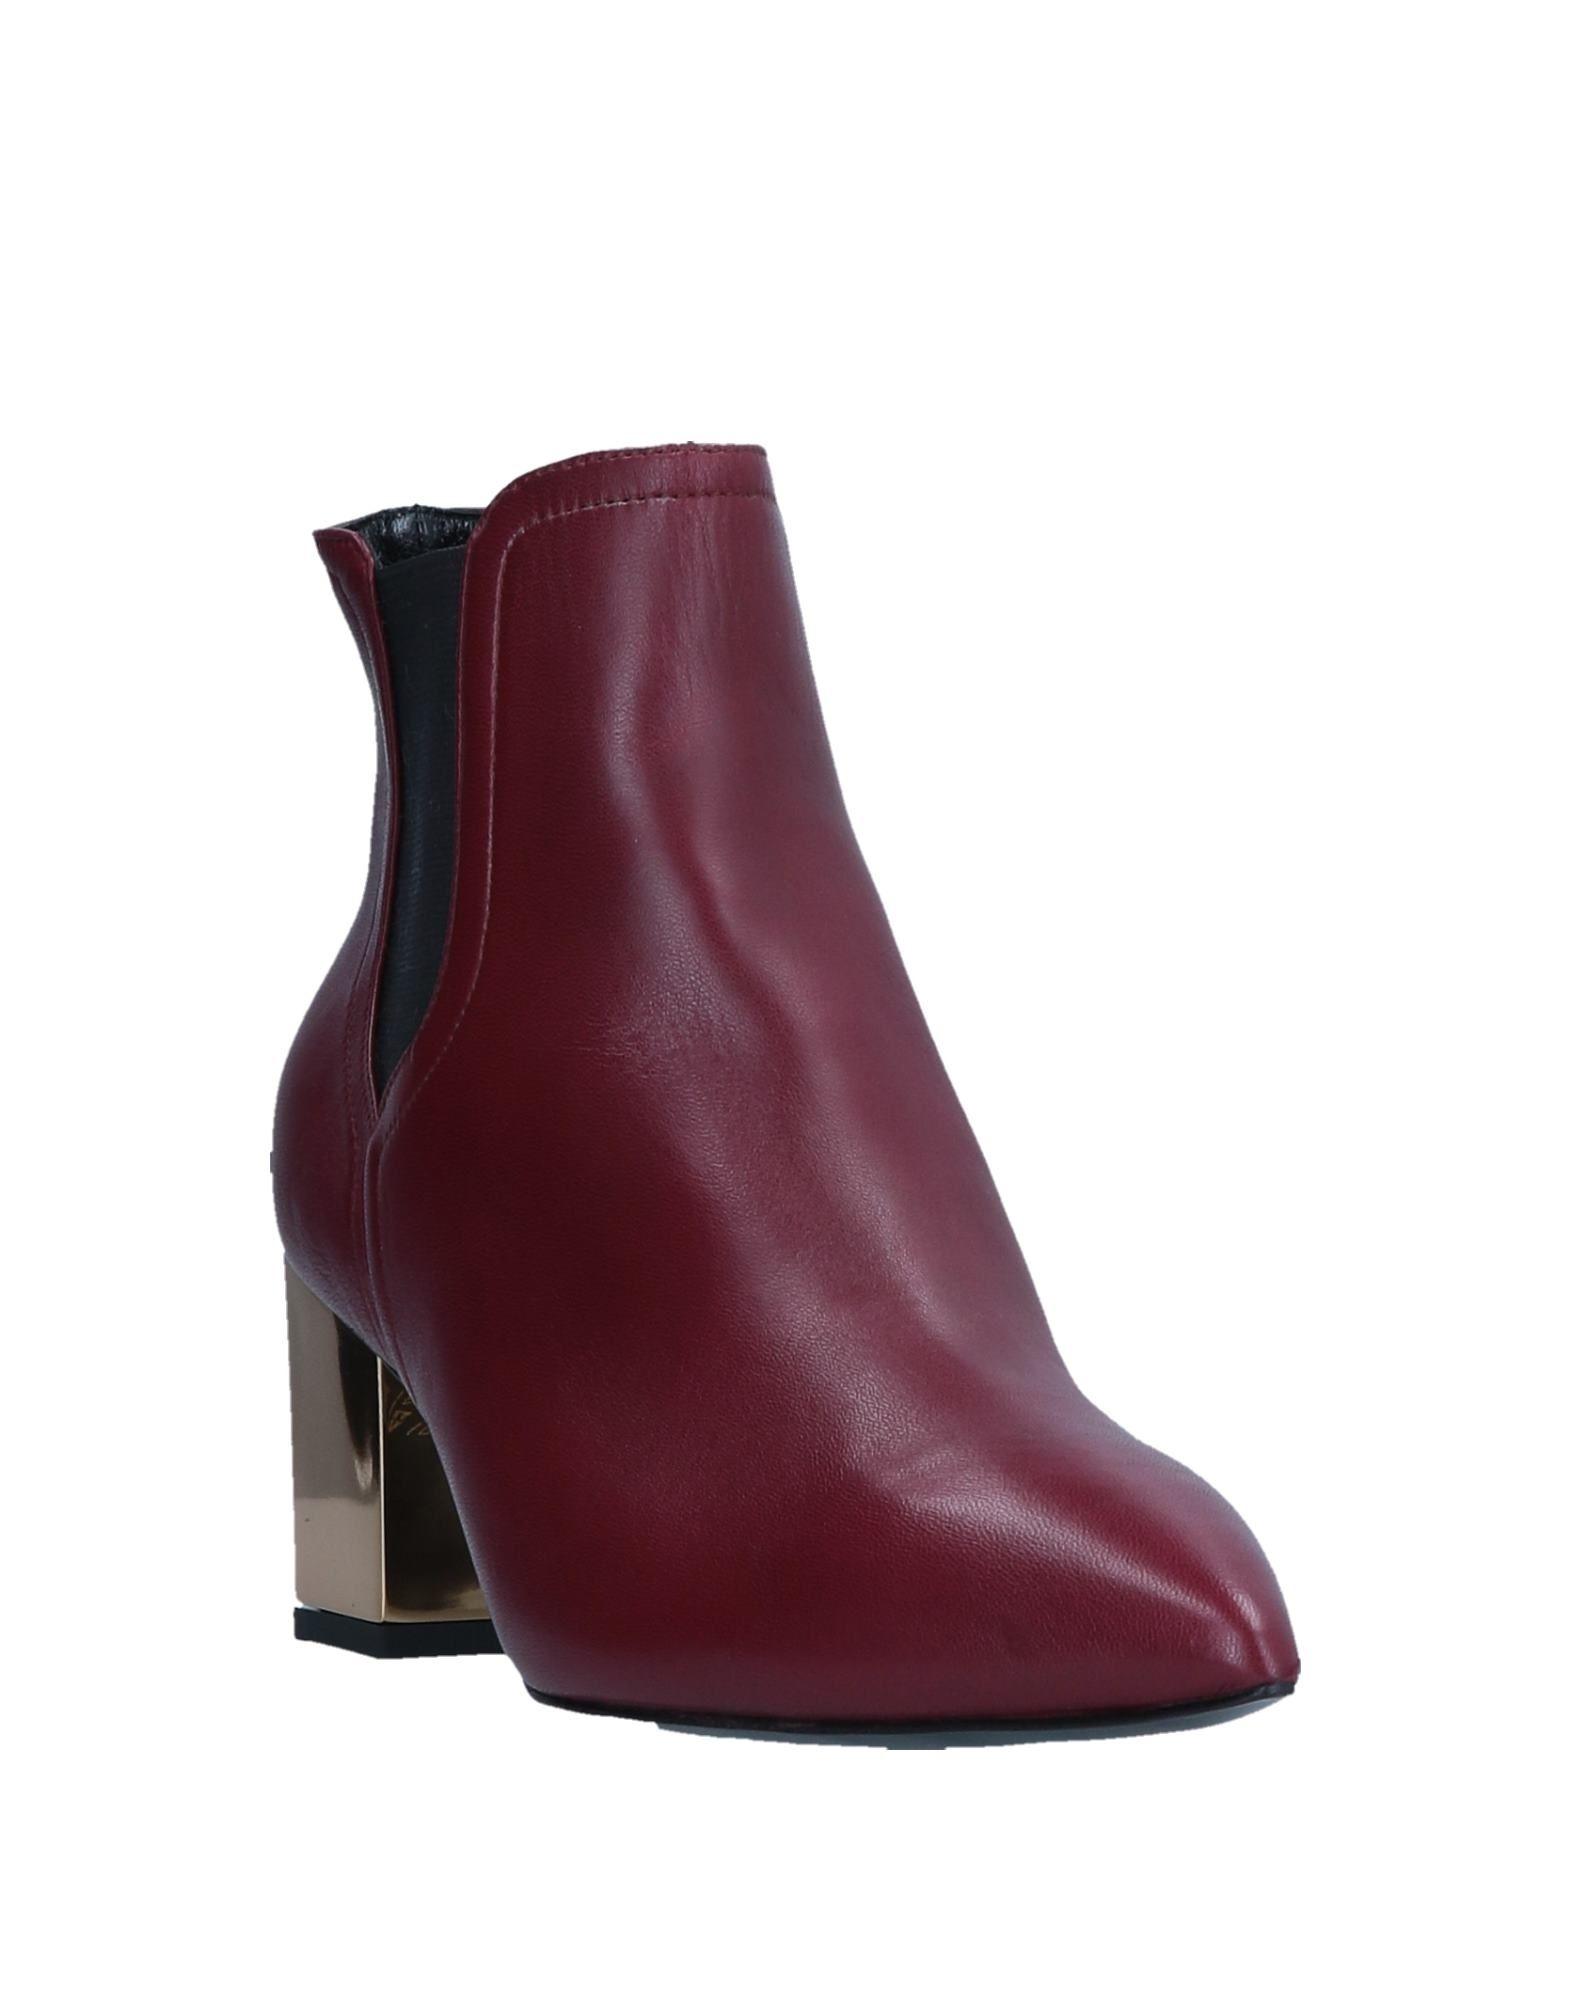 Icône Chelsea Stiefel Damen Gutes 3532 Preis-Leistungs-Verhältnis, es lohnt sich 3532 Gutes f00b0e